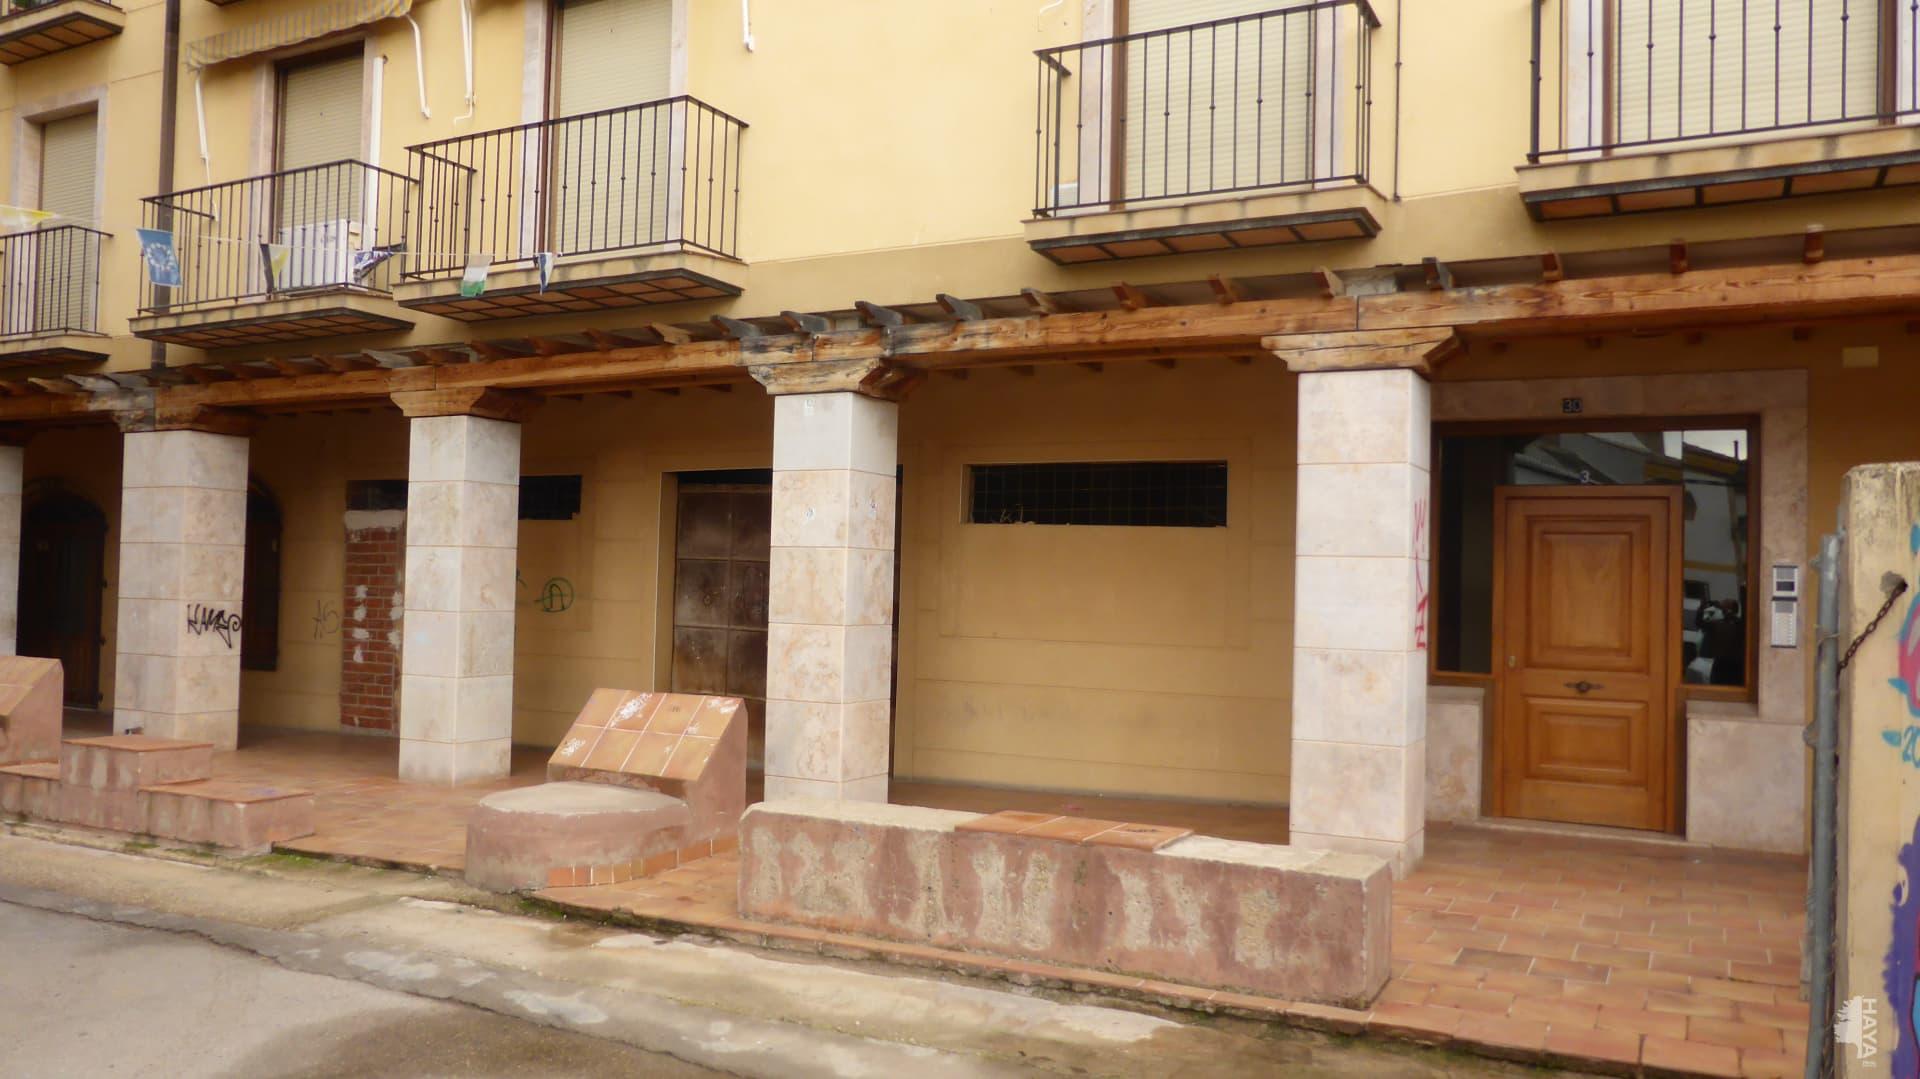 Local en venta en Herencia, Ciudad Real, Calle Mesones, 64.400 €, 112 m2